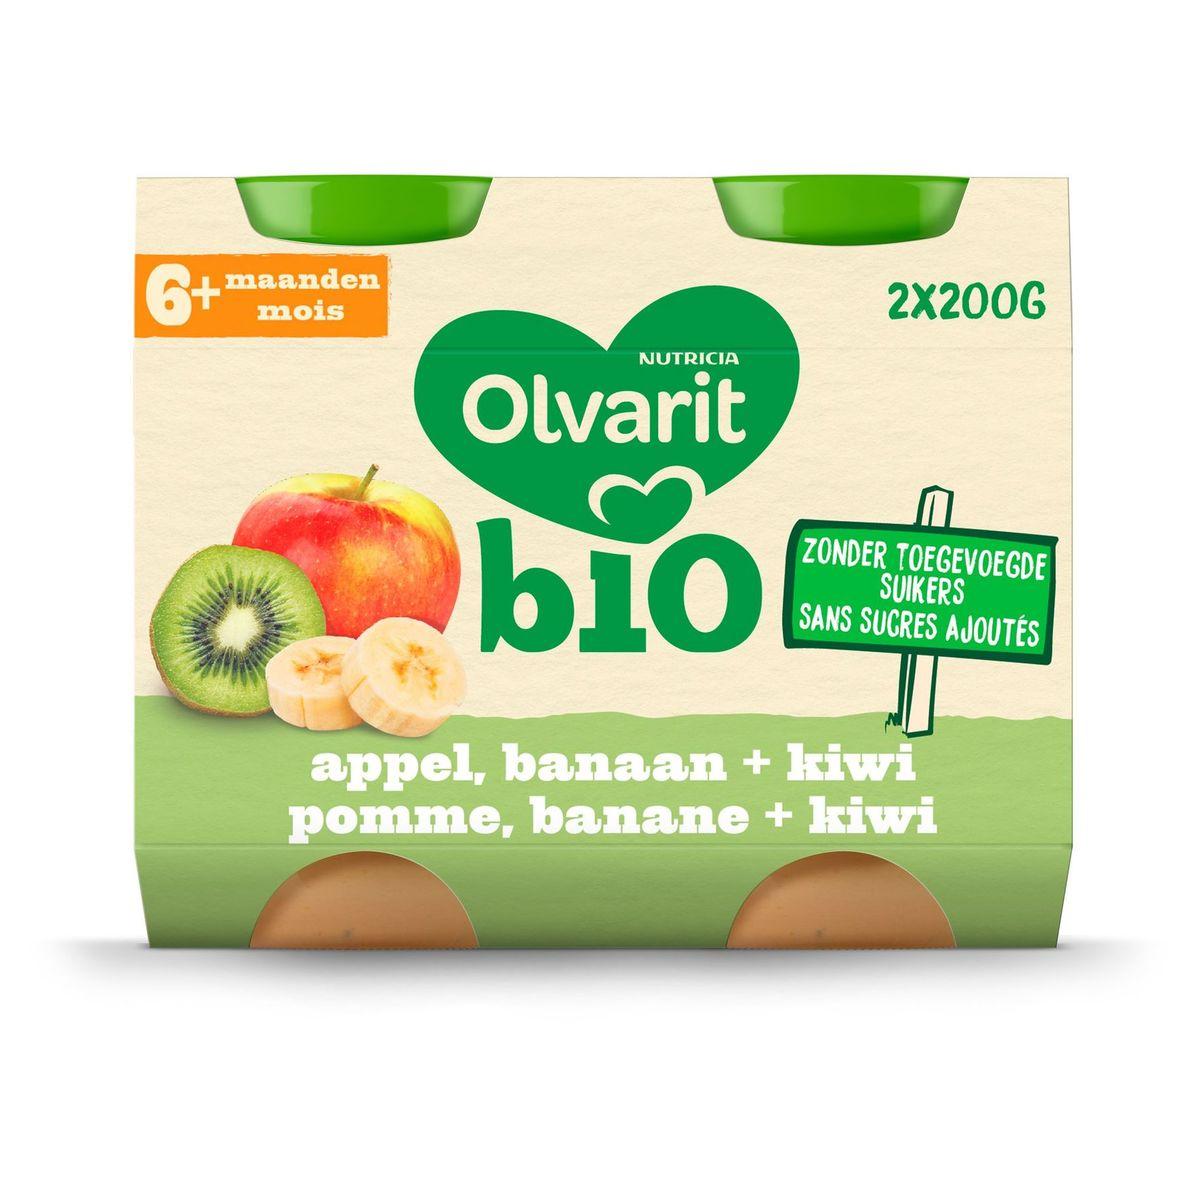 Olvarit Bio fruitpap babypuree Appel banaan kiwi 6 maanden  2x200g